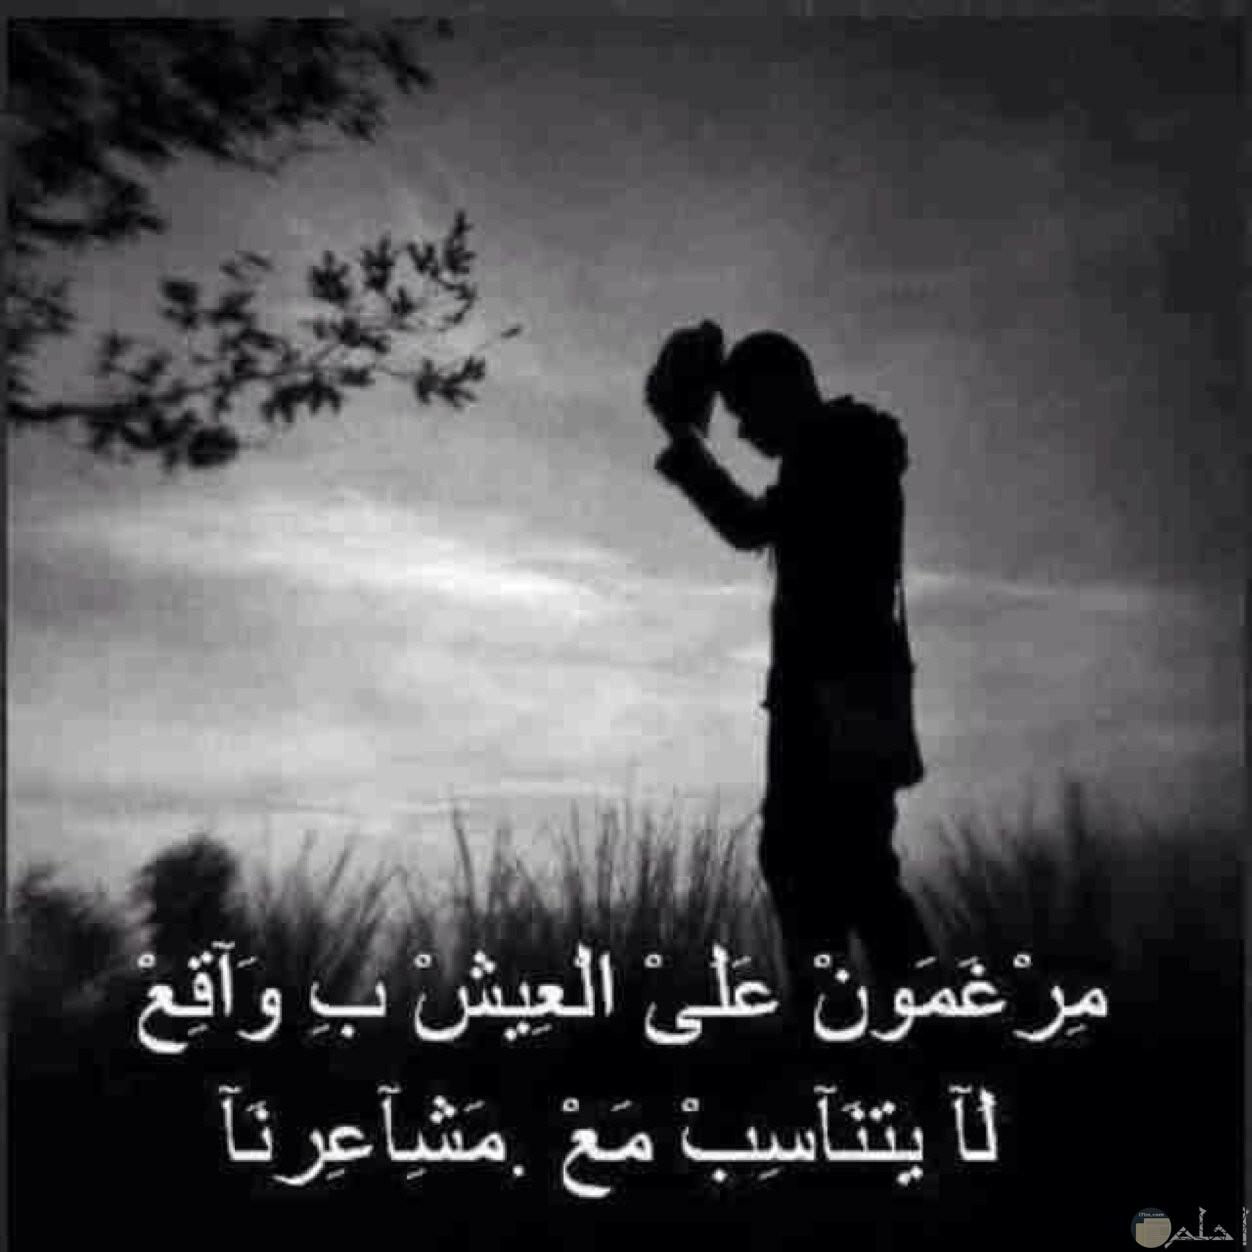 كلام حزين جدا عن الحياه